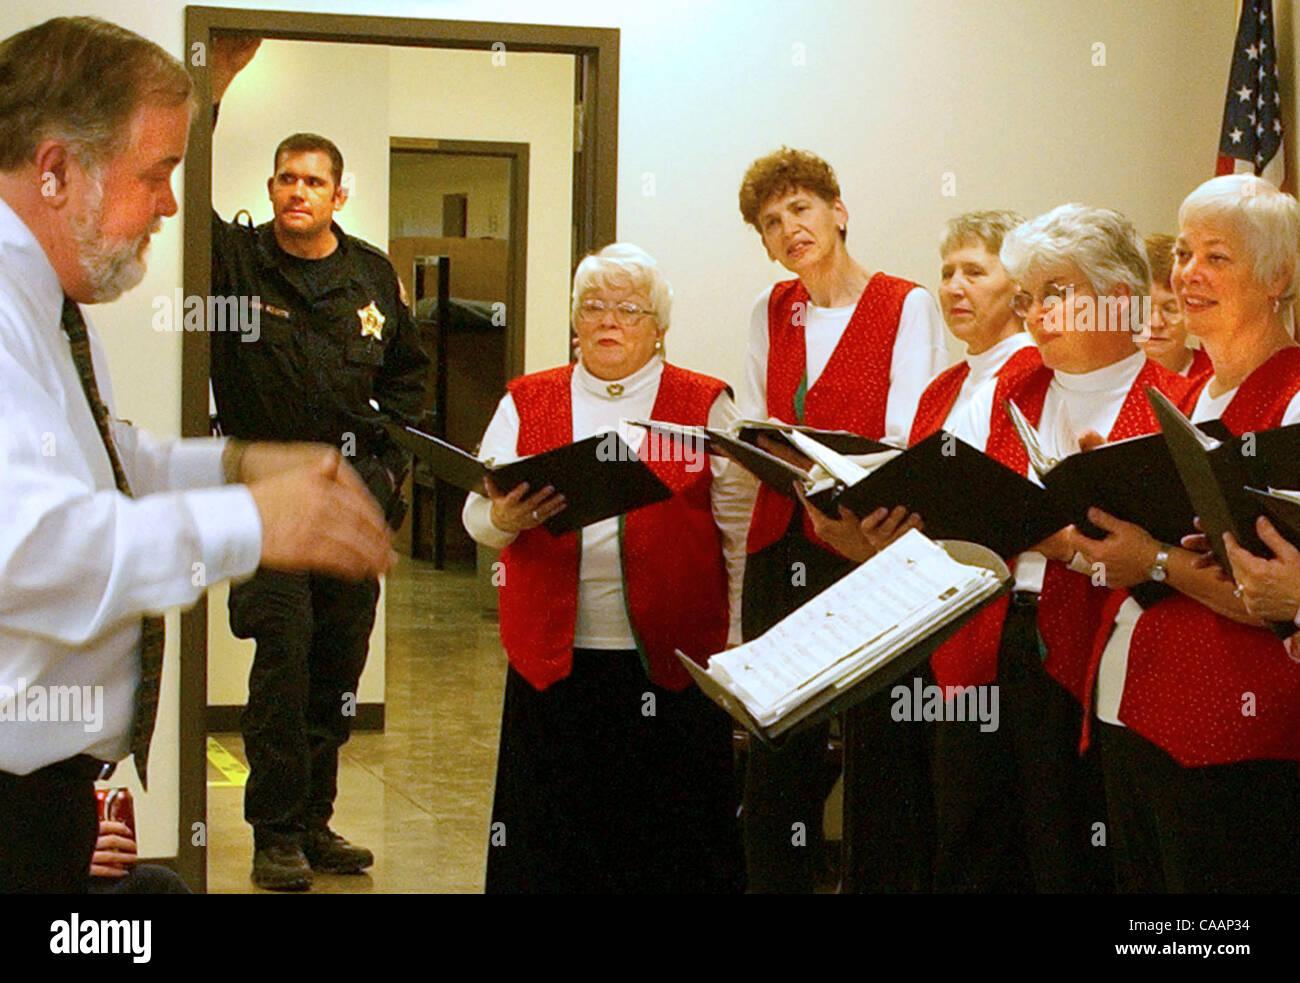 Dec 20, 2003 - Burlington, Kentucky, USA - A Jail Guard stands in a